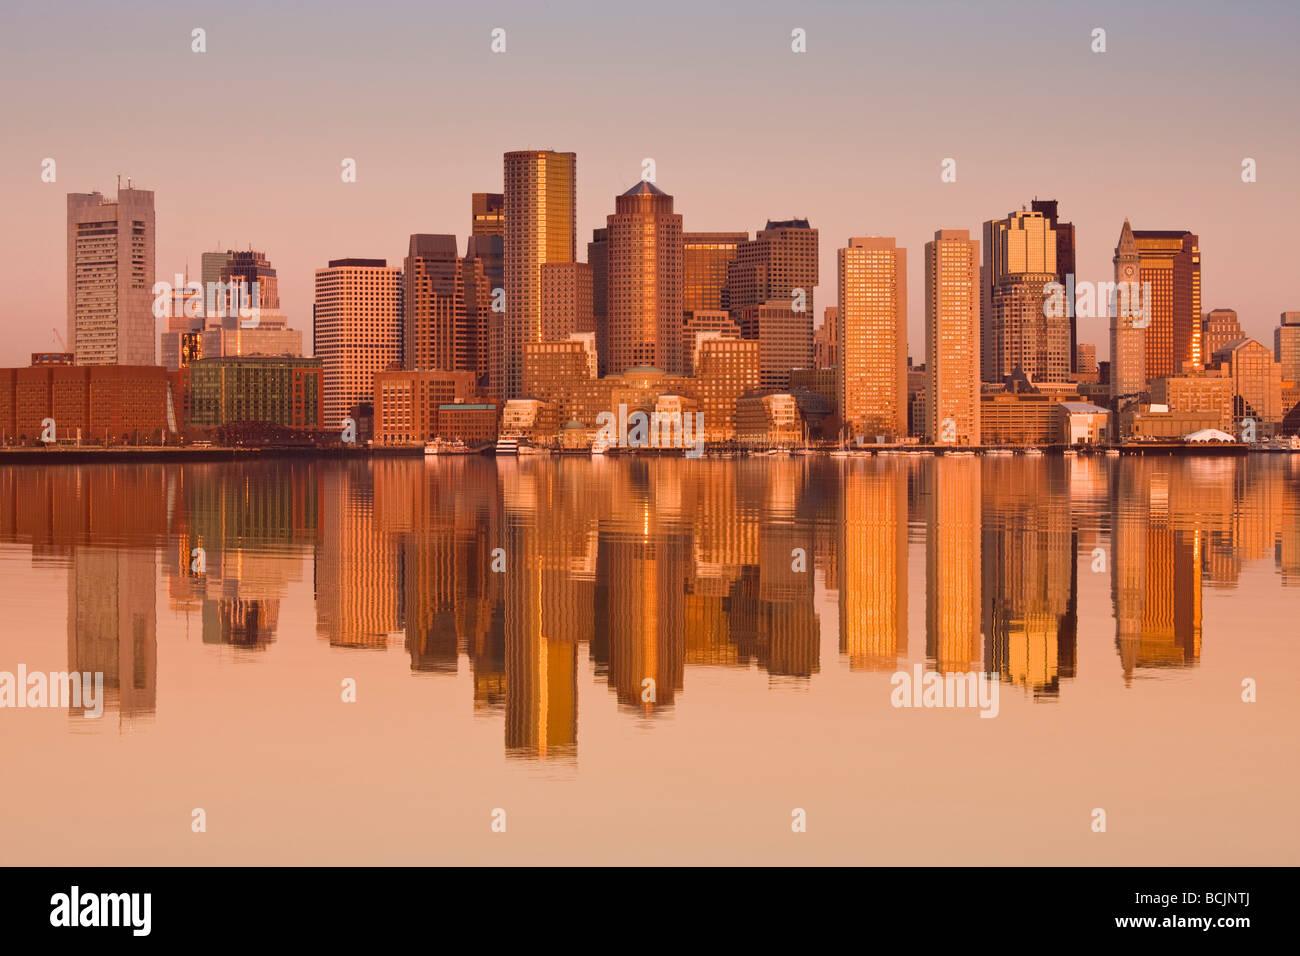 Stati Uniti d'America, Massachusetts, Boston, quartiere finanziario dall'Aeroporto di Logan, East Boston Immagini Stock